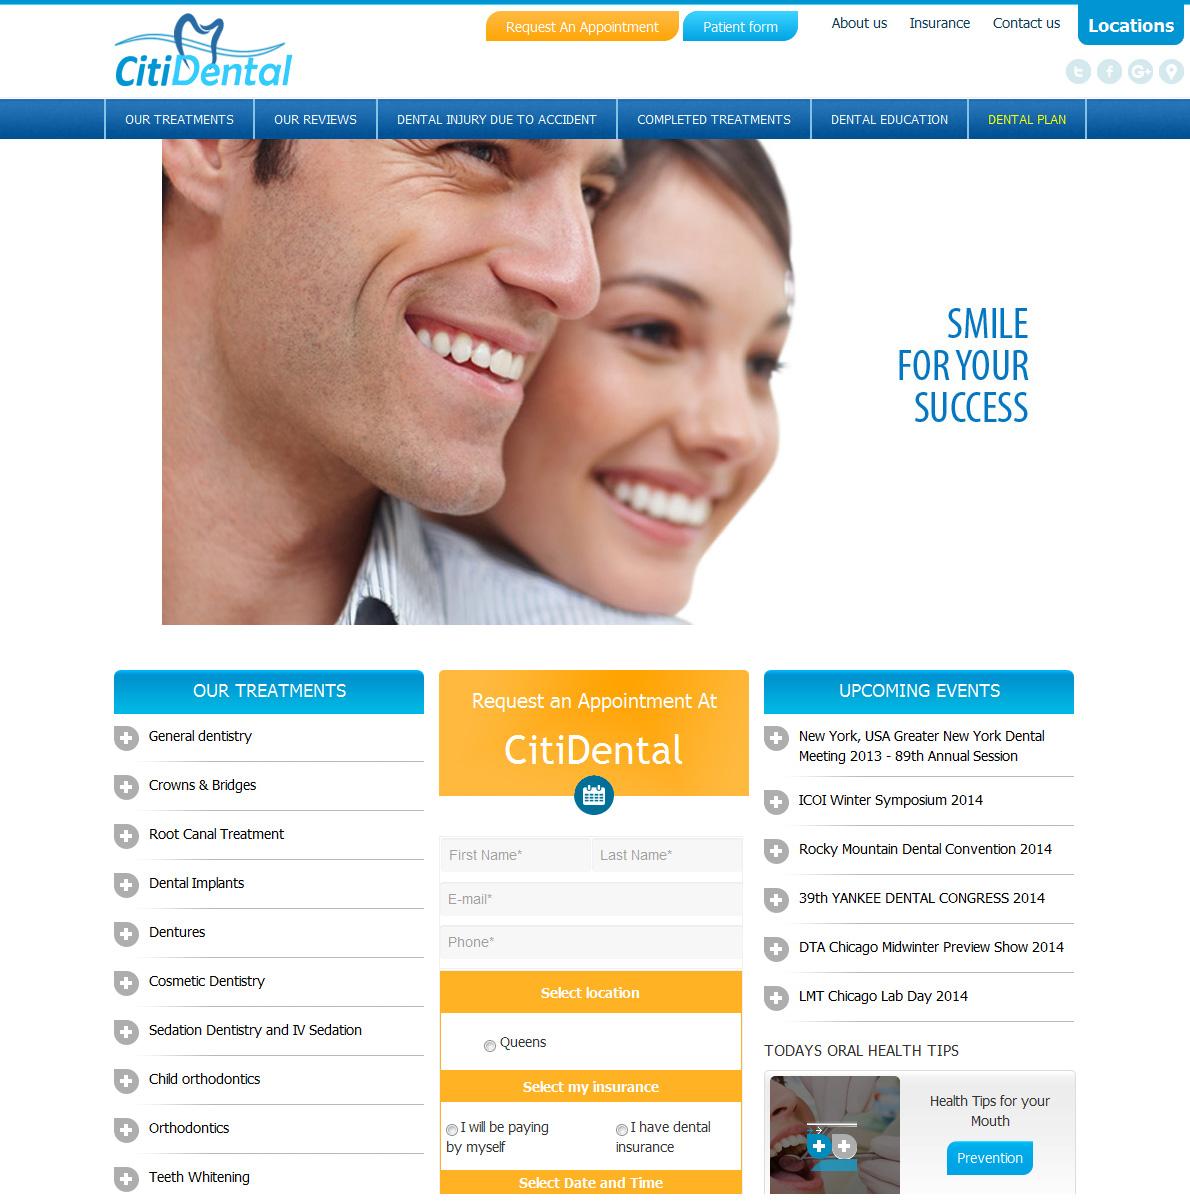 citidental.com